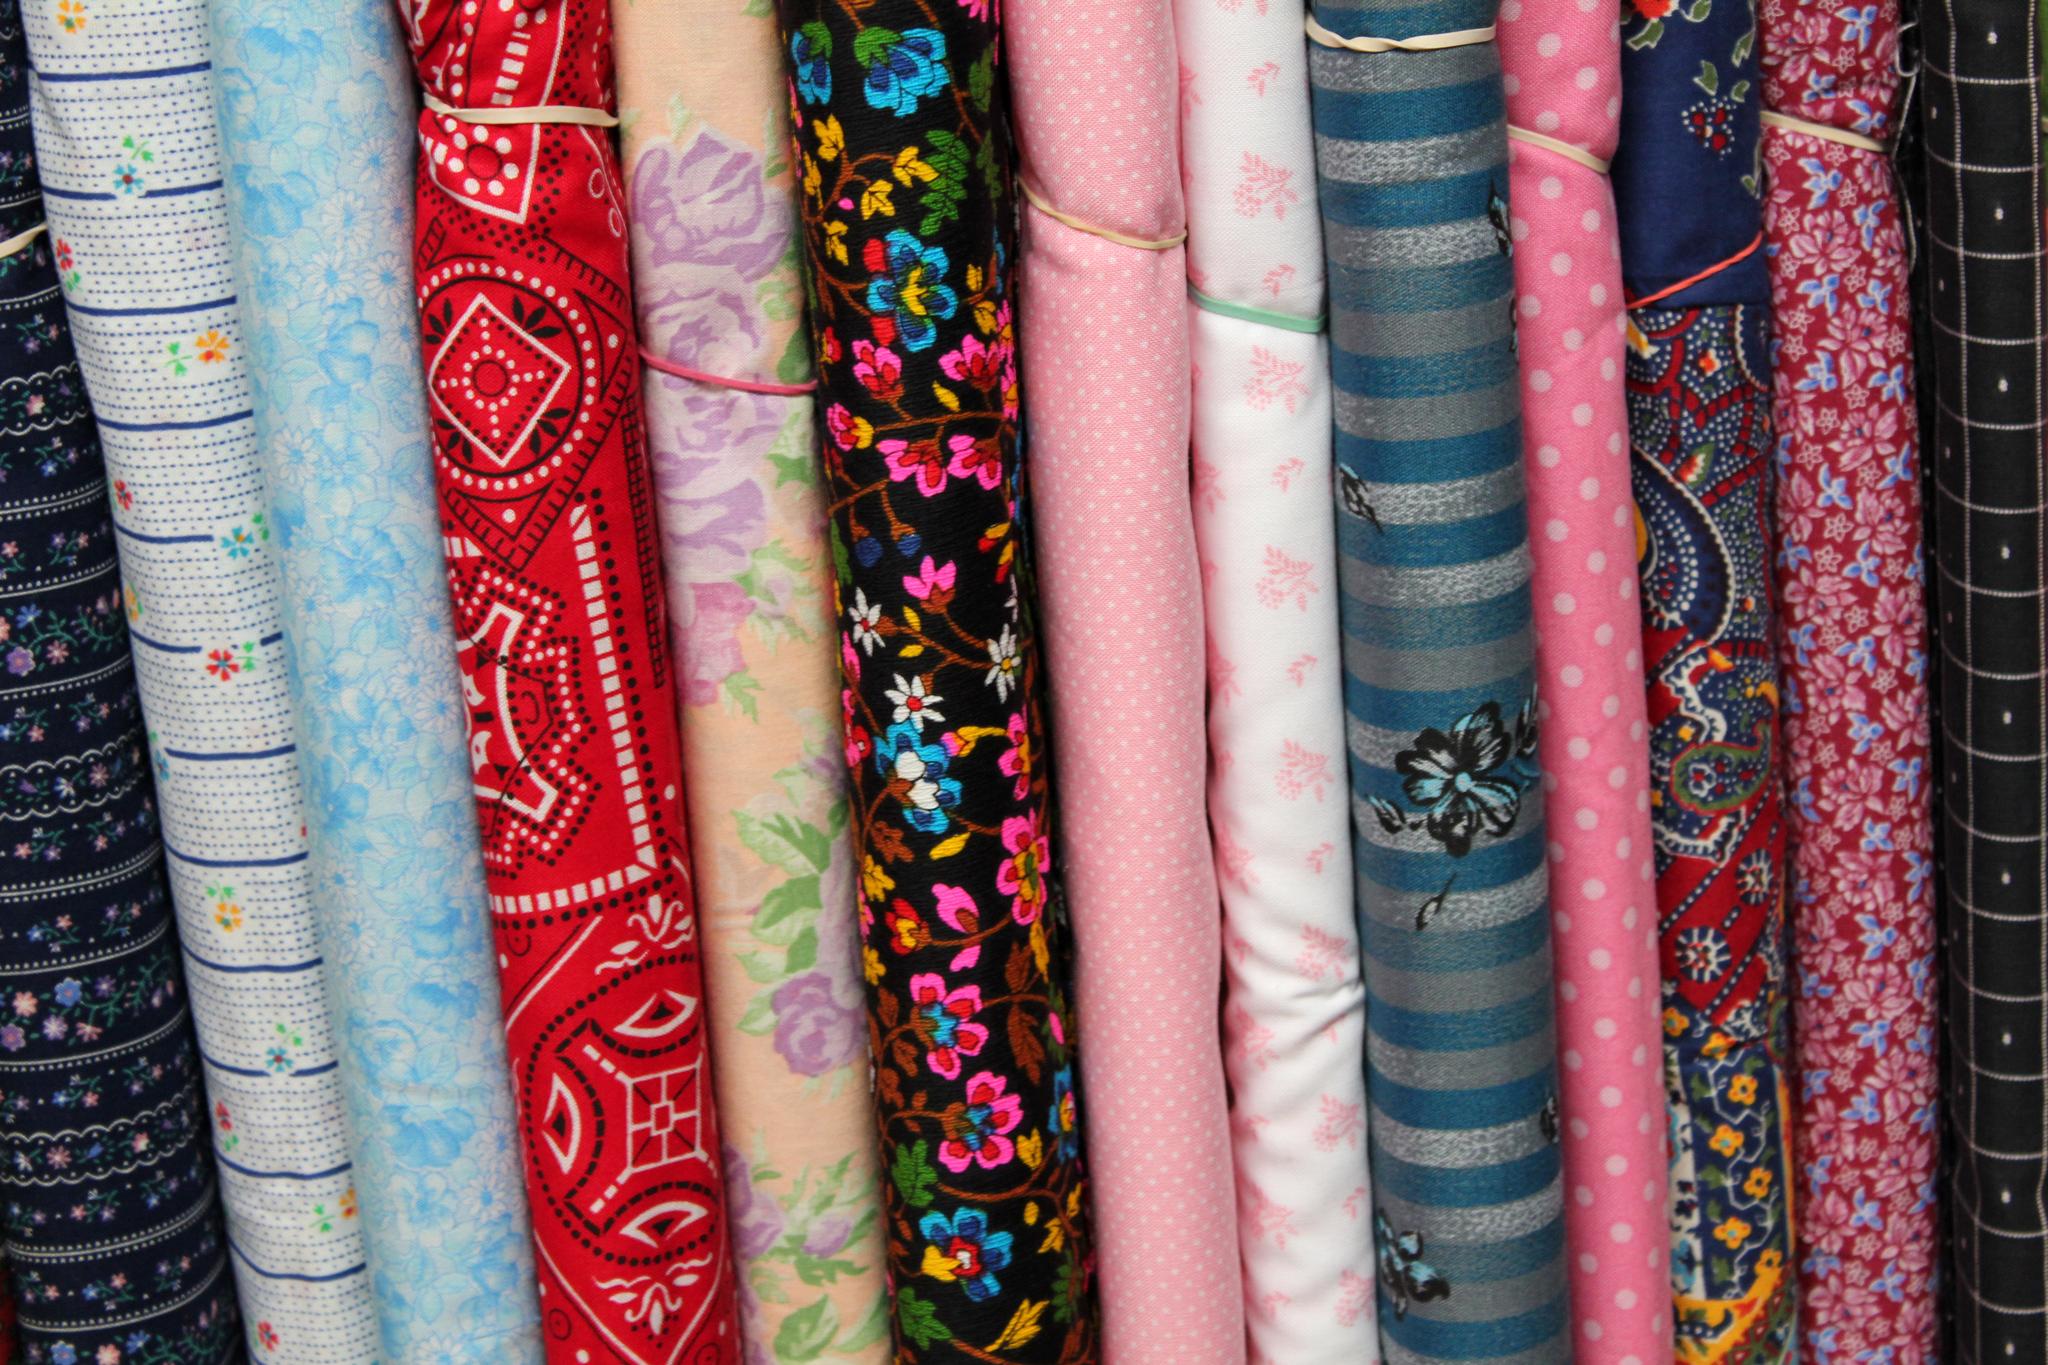 Cotton Floral Prints